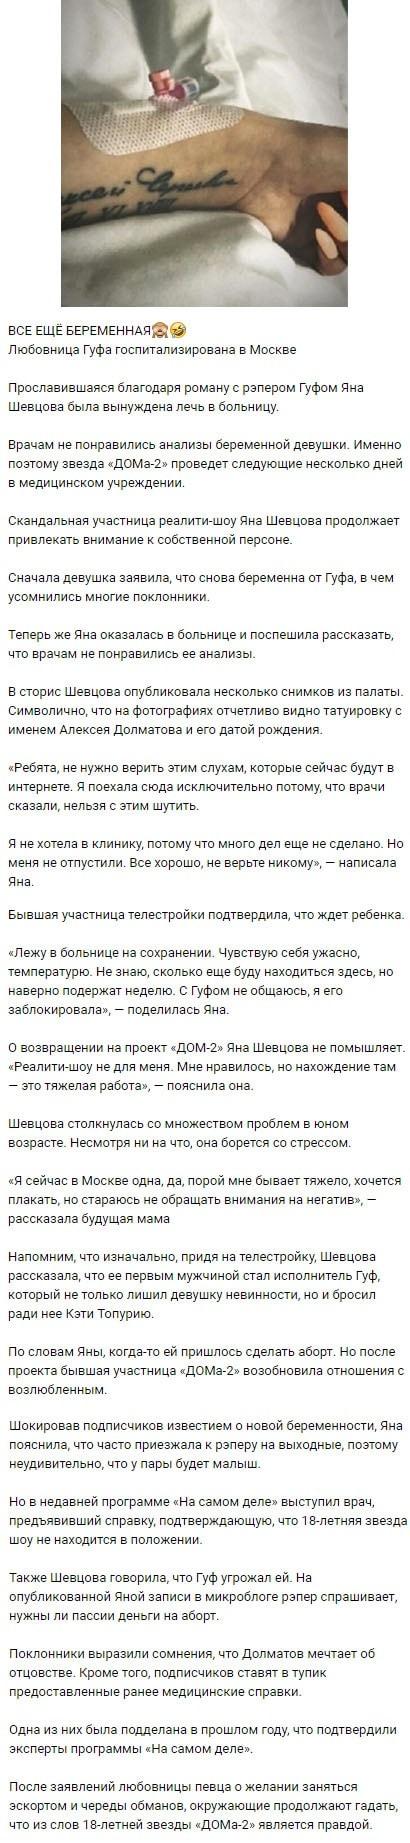 Беременная Яна Шевцова загремела в больницу